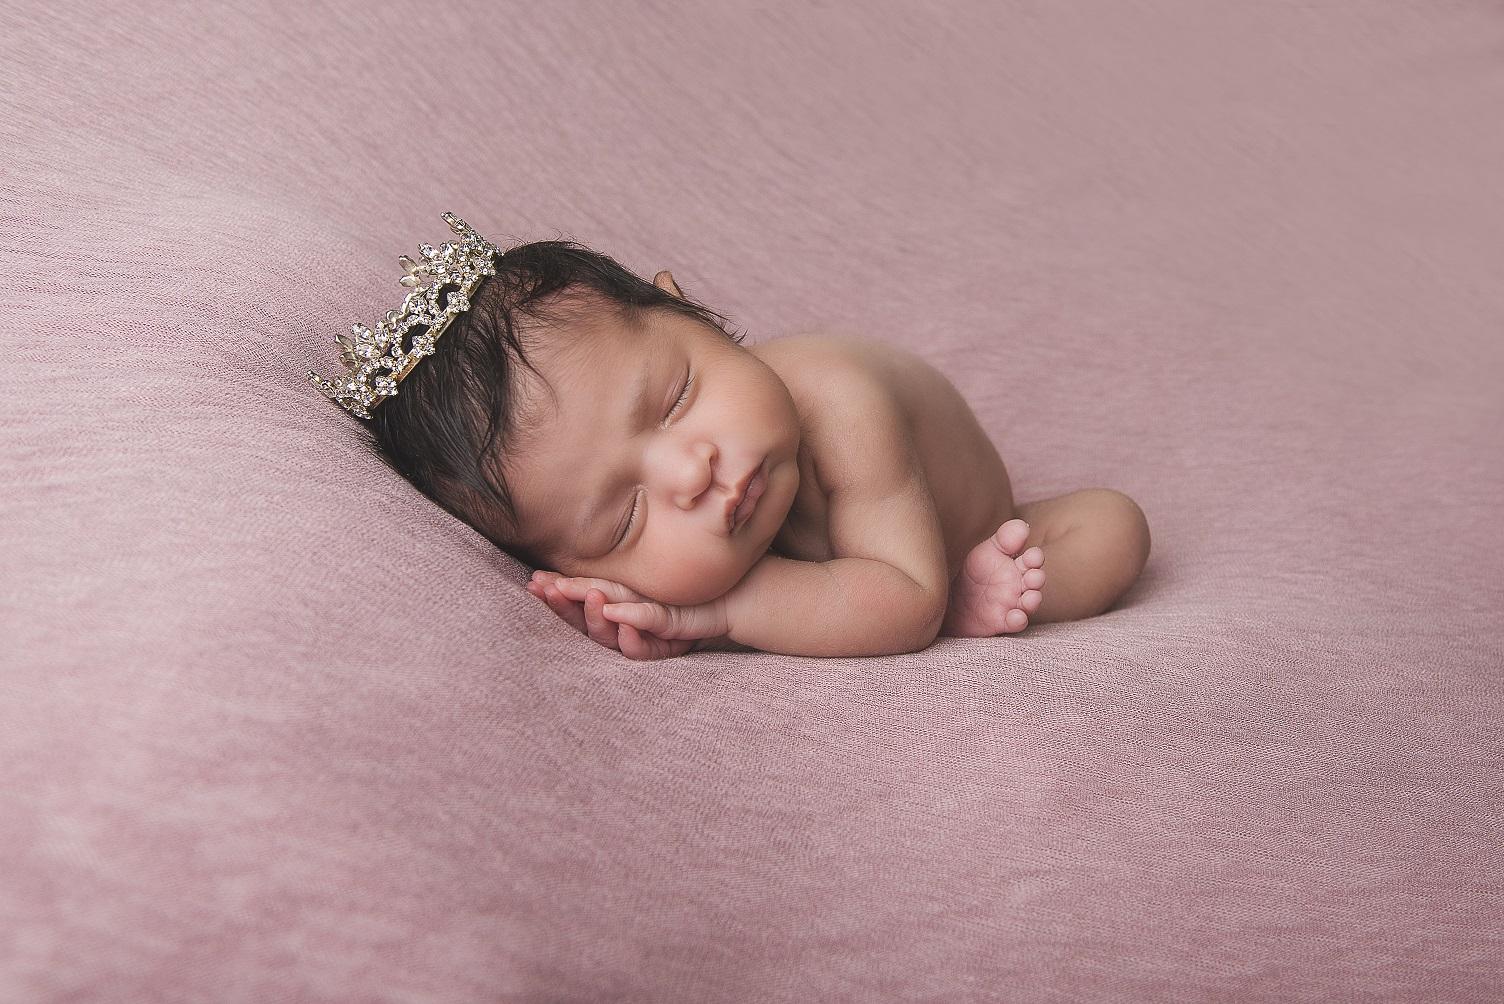 Baby_Eva_15